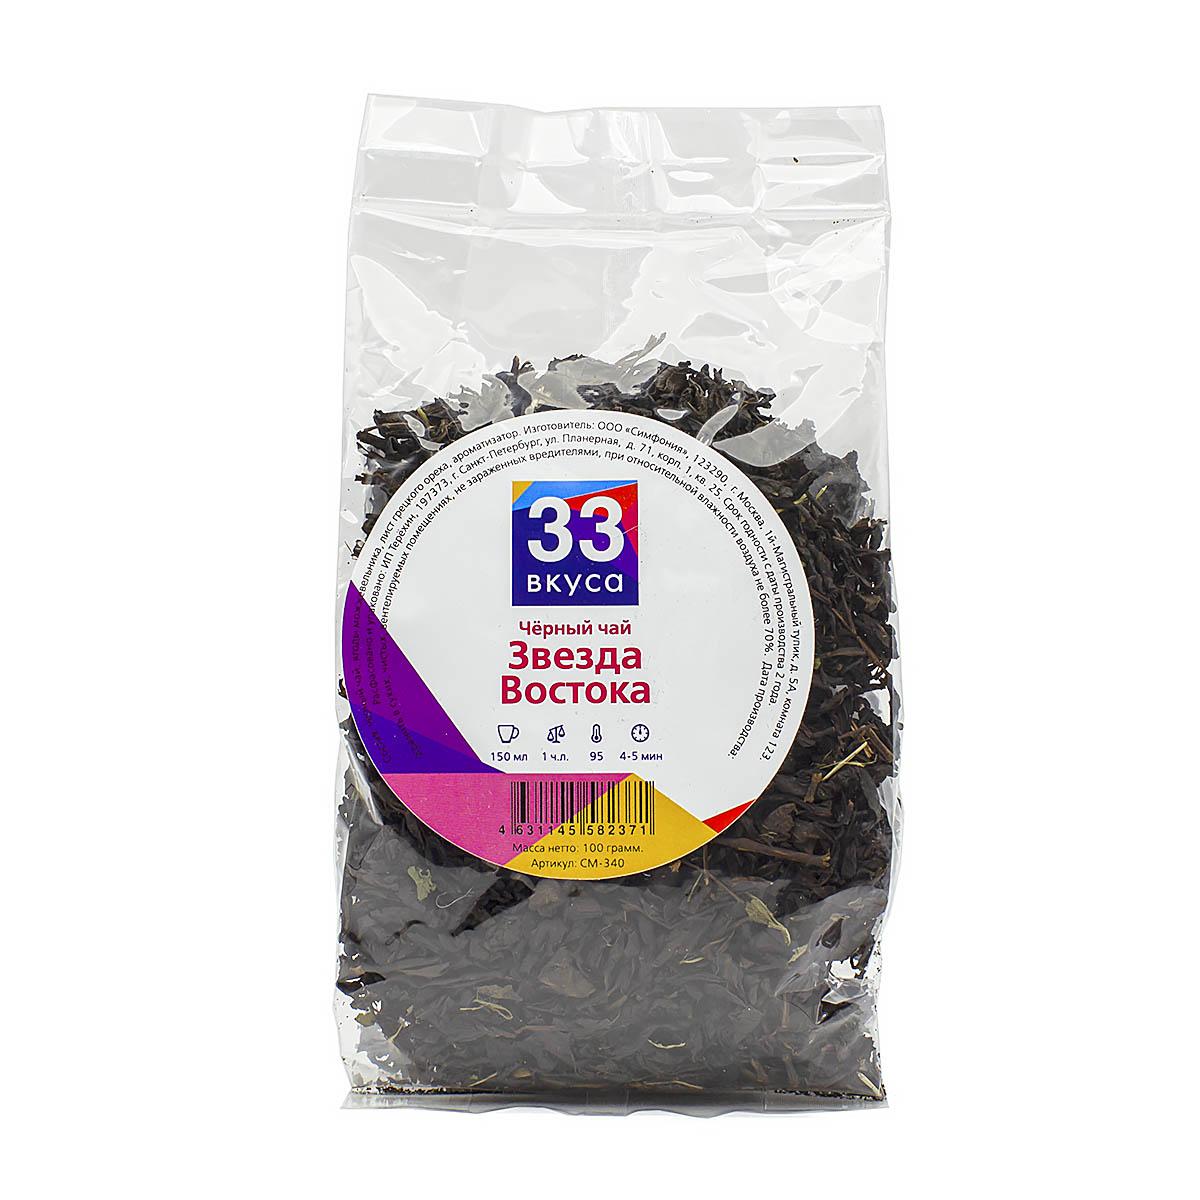 Черный ароматизированный чай Звезда Востока, 100 г принцесса нури бергамот черный ароматизированный чай в пакетиках 25 шт